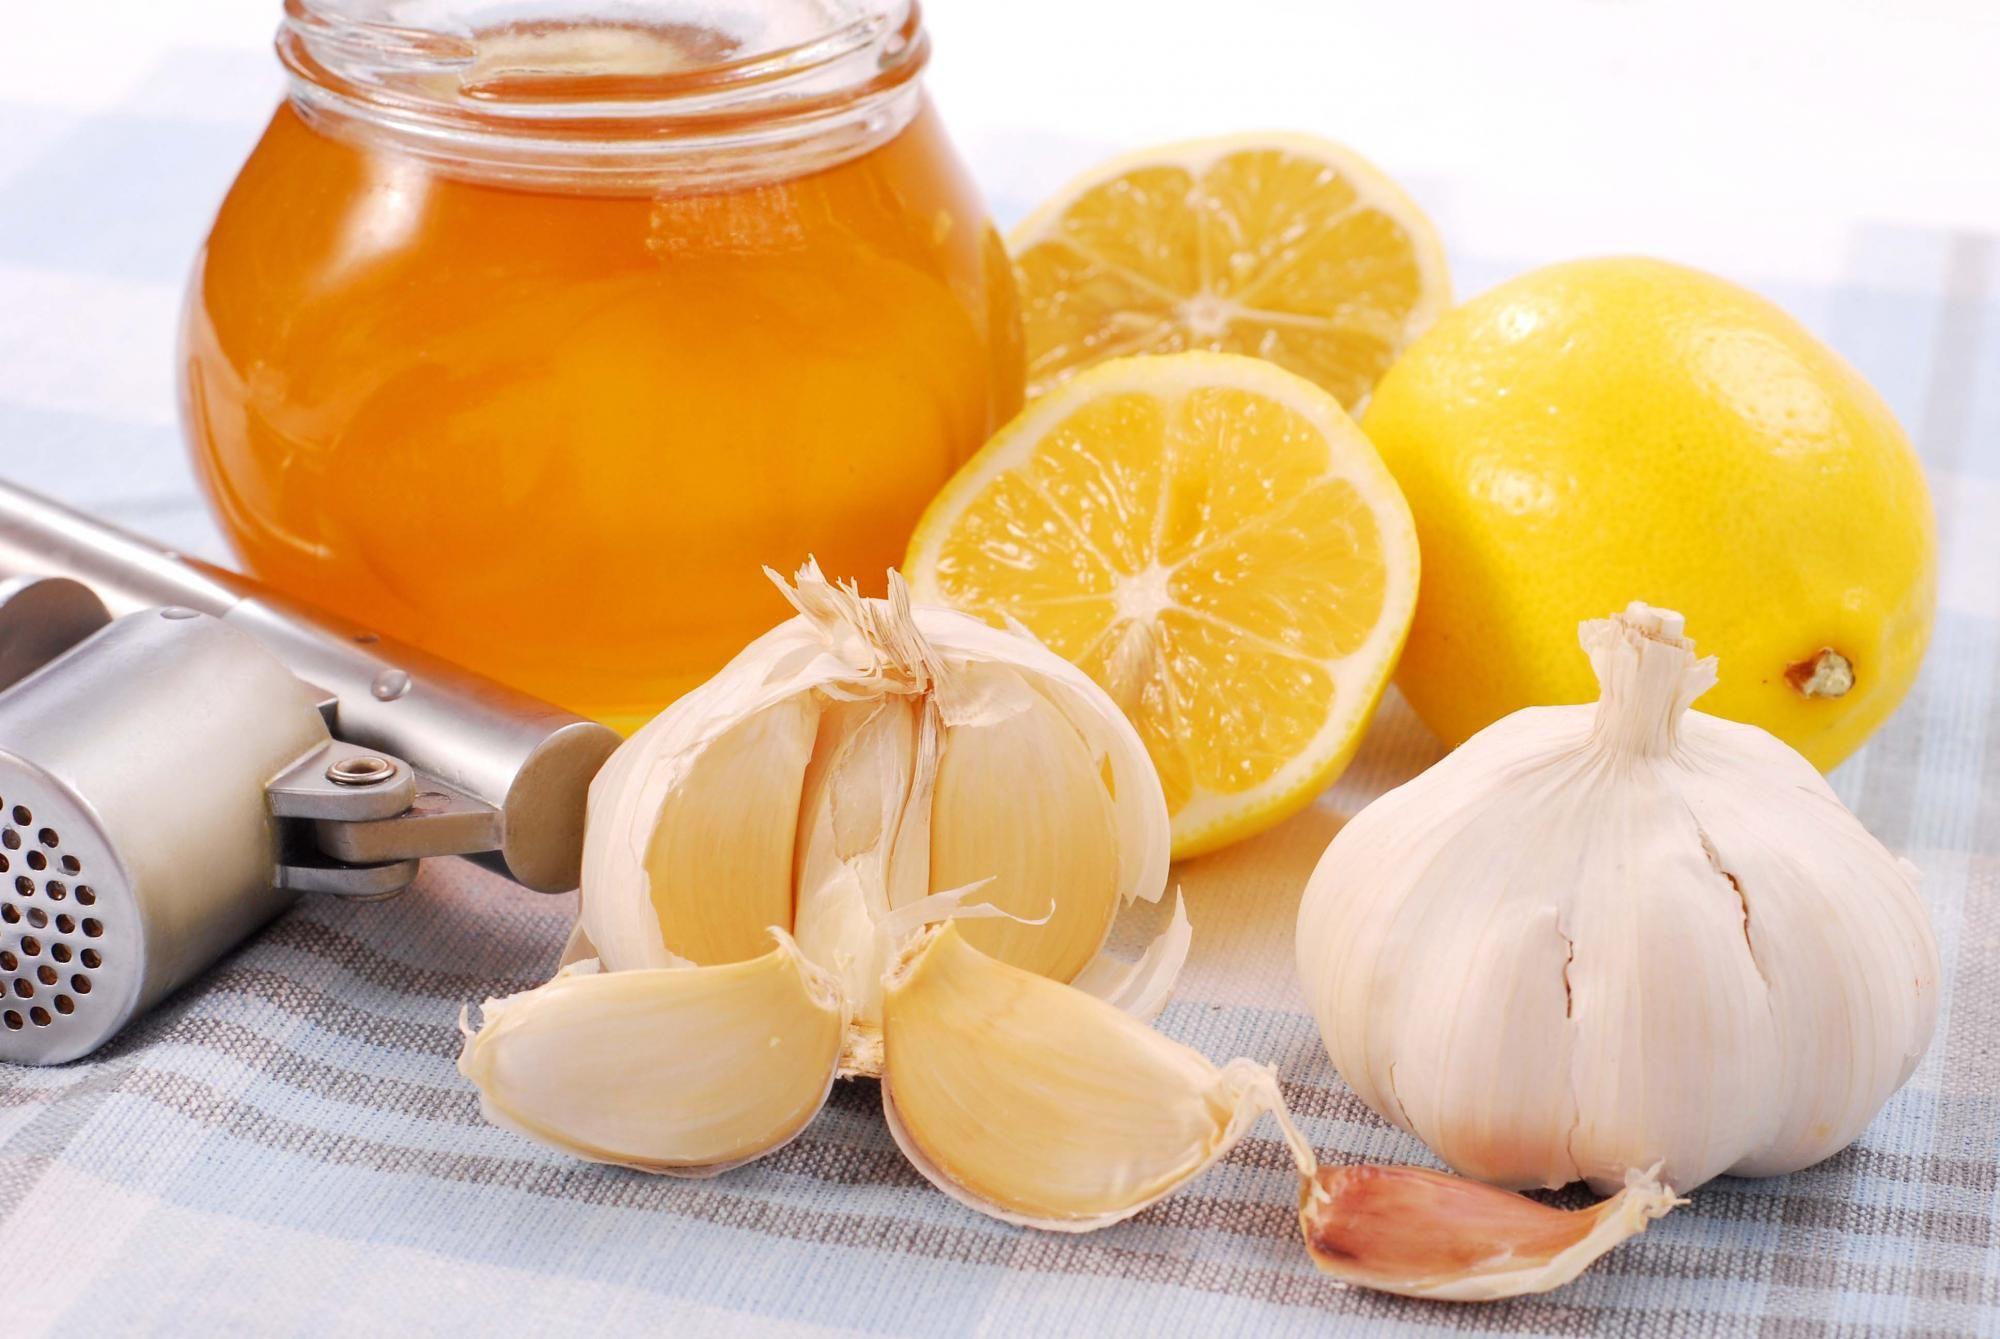 средства для снижения холестерина эвалар